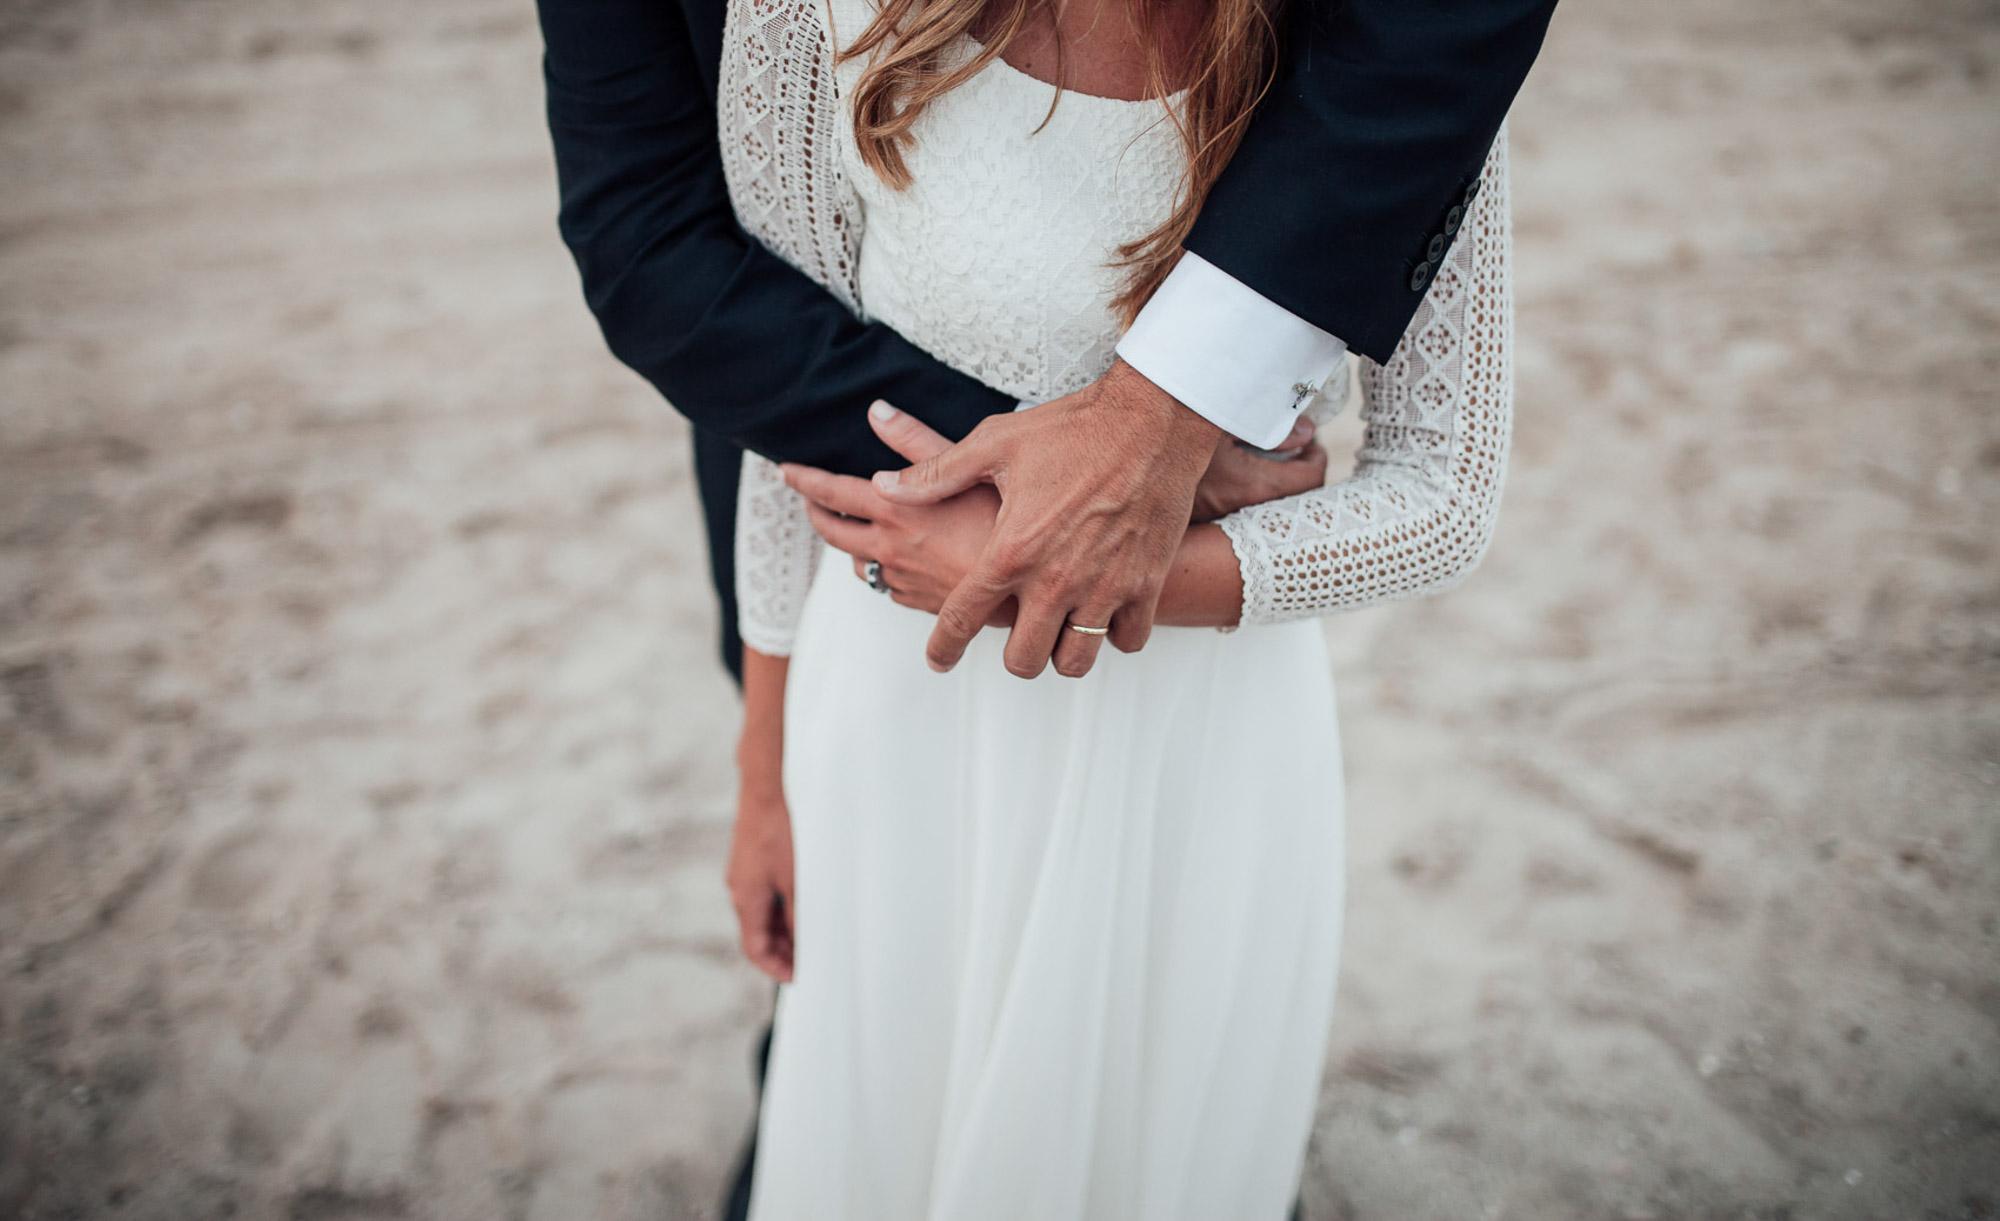 enlace anillo novios fotografia La Manga playa